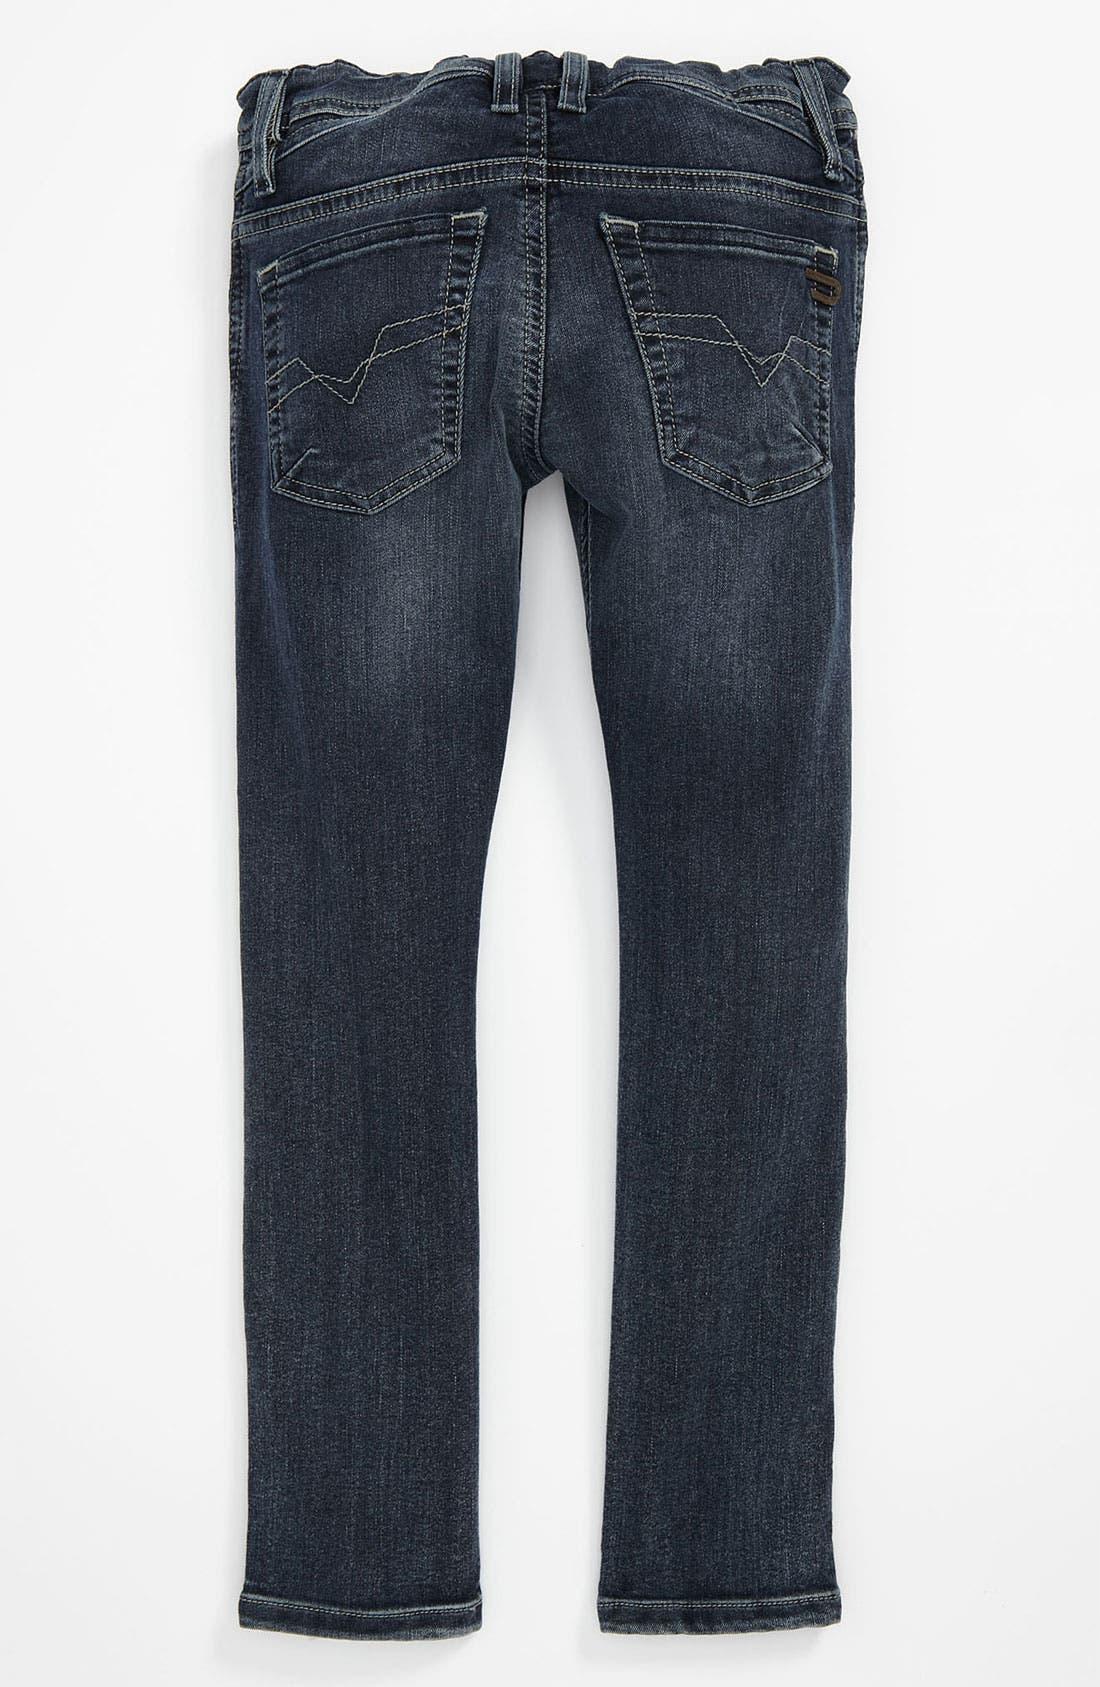 Alternate Image 1 Selected - DIESEL® 'Shioner' Jeans (Little Boys & Big Boys)